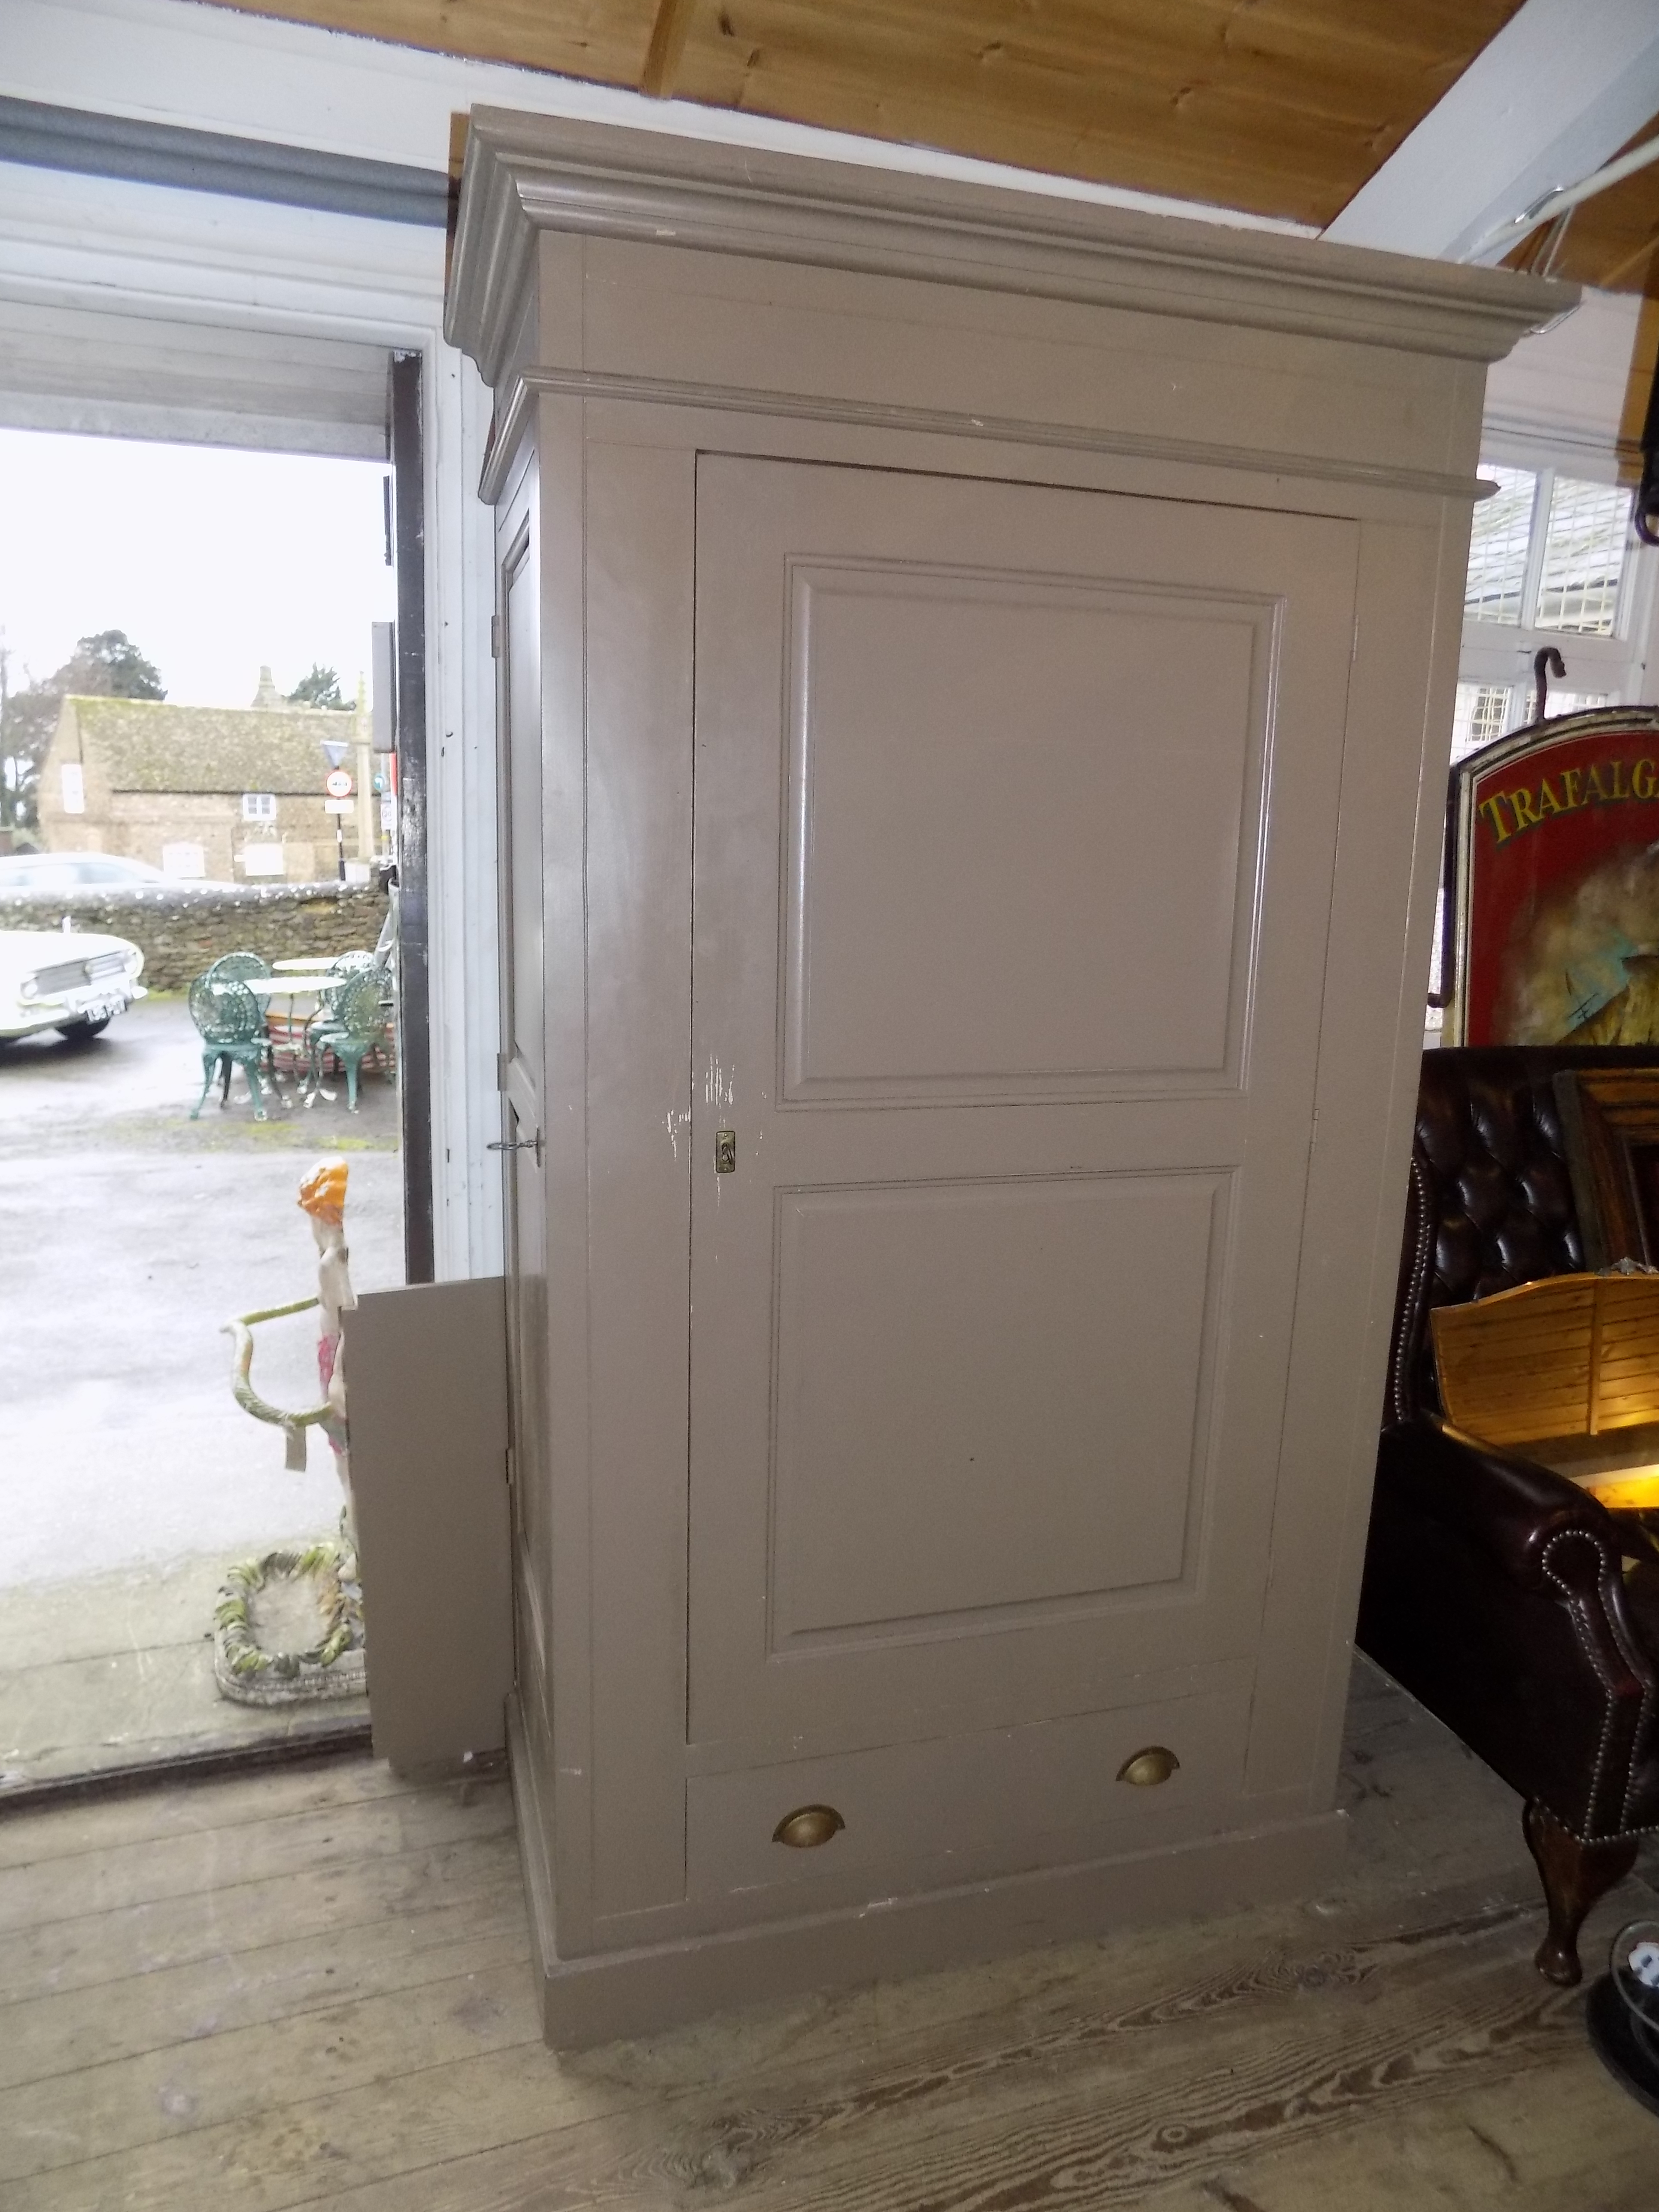 DSCN1944 & Large Larder Cupboard SOLD 3 doors all lockable side storage |